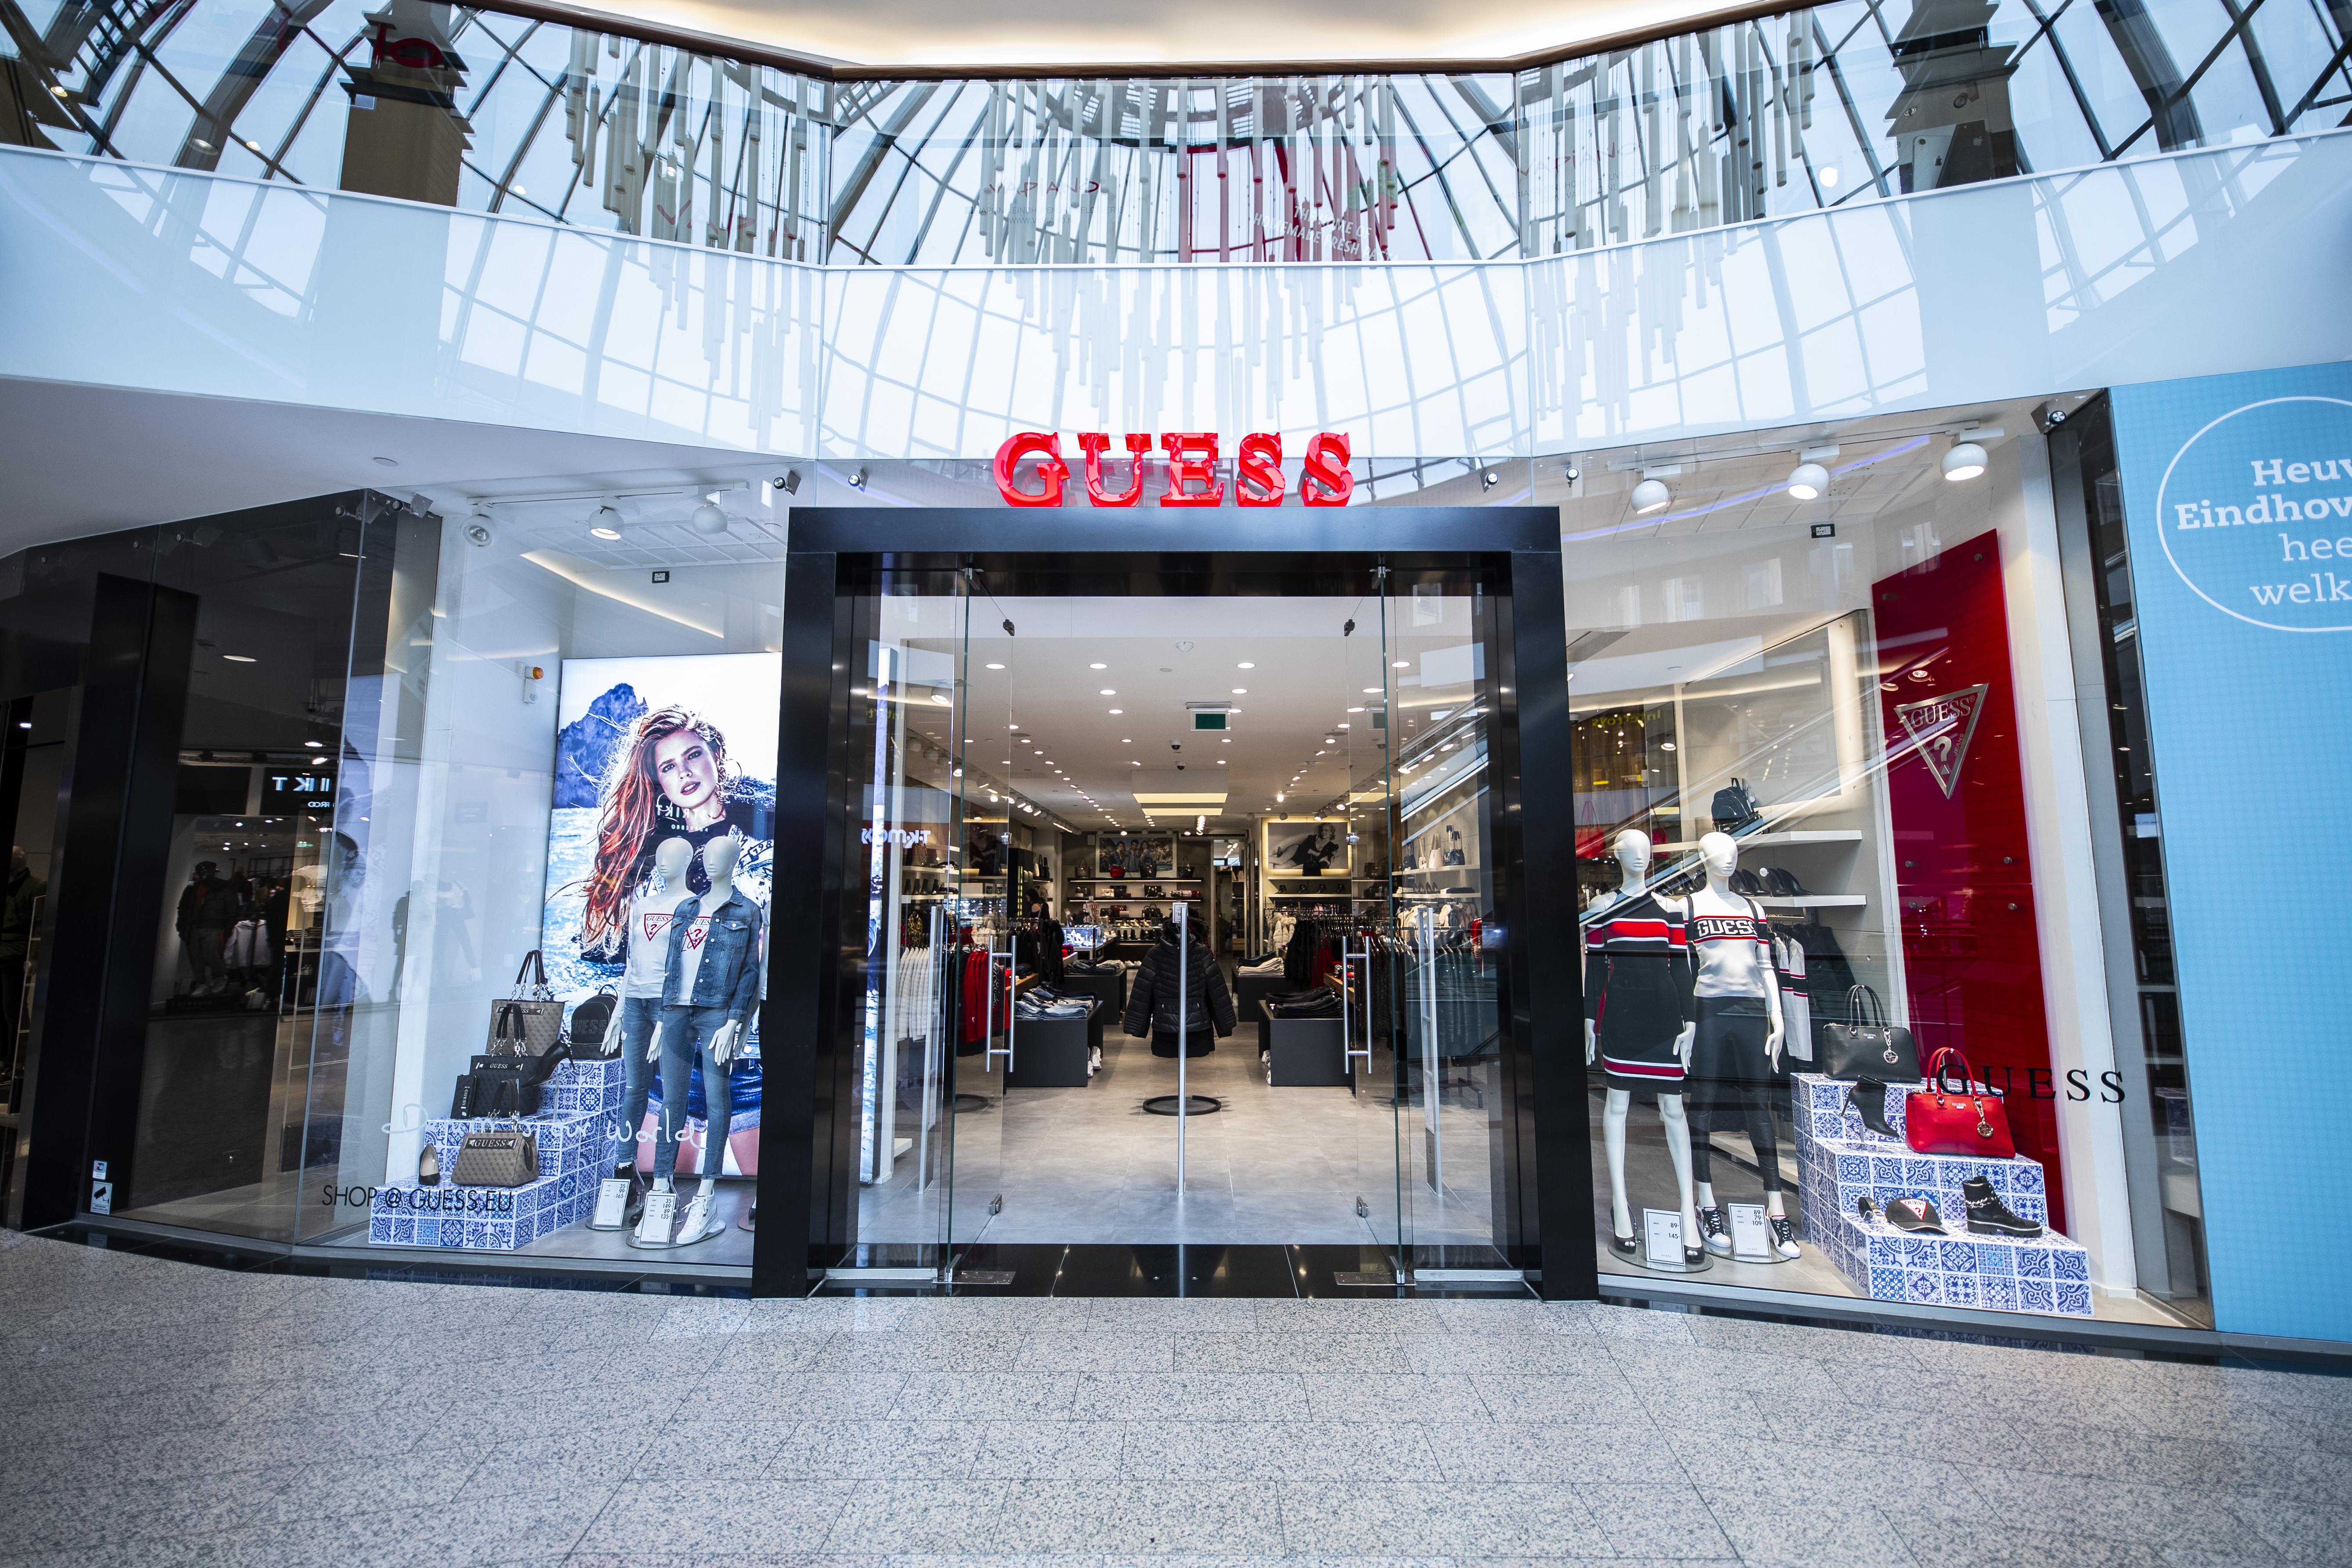 Winkelcentrum Eindhoven | Guess